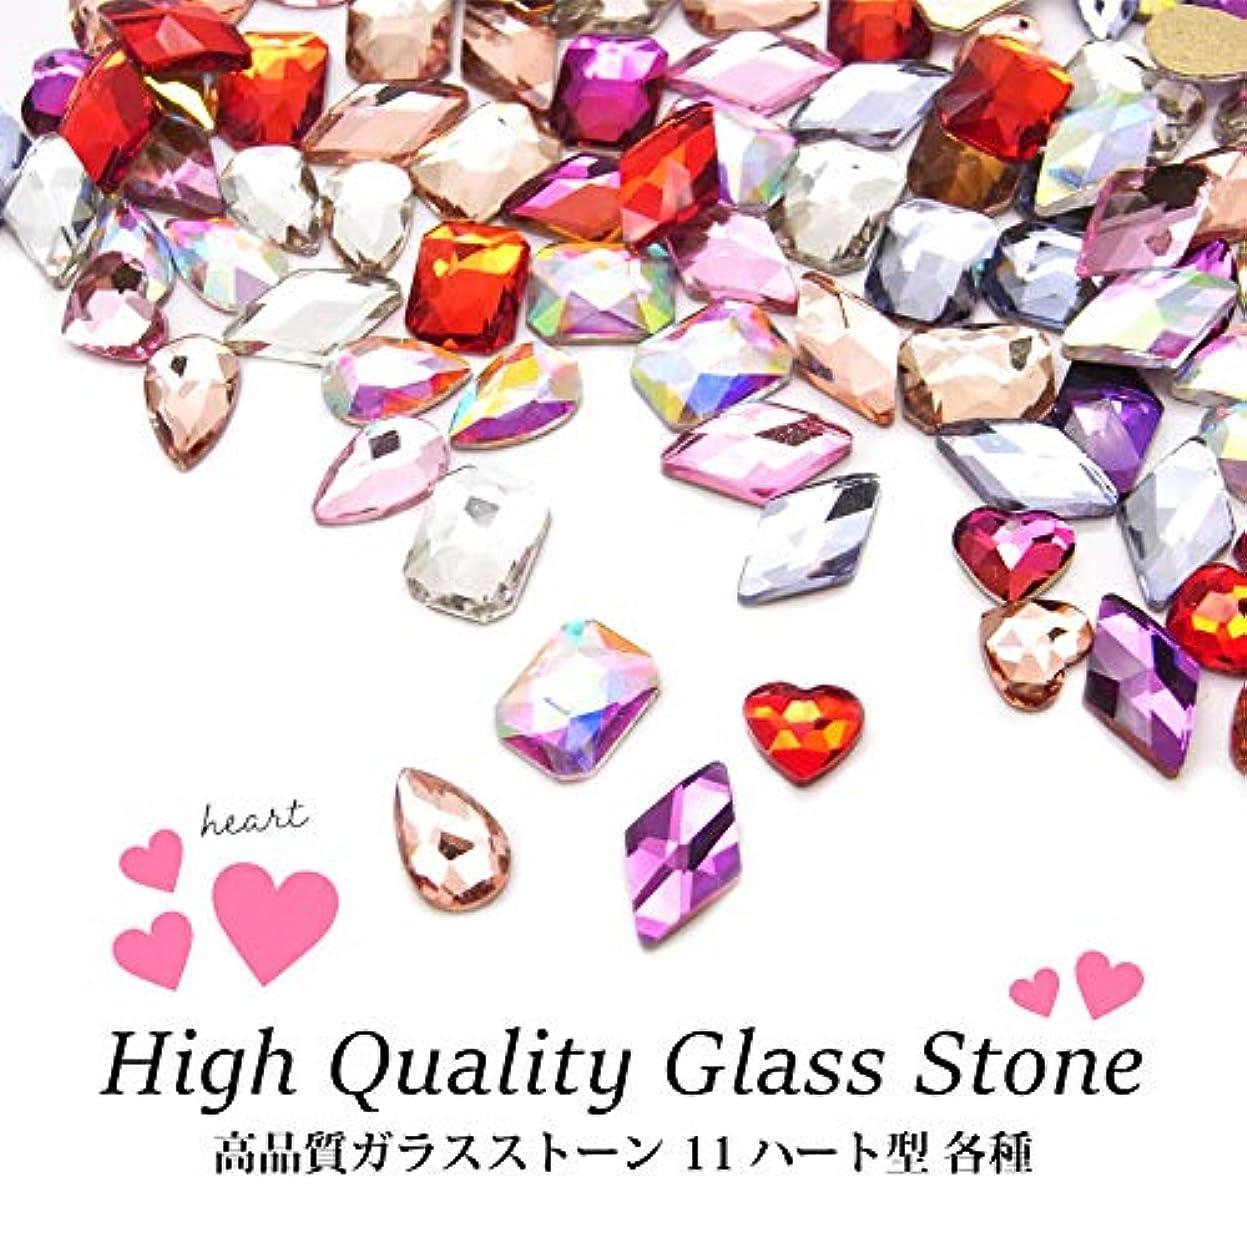 石膏ボアグラム高品質ガラスストーン 11 ハート型 各種 5個入り (4.ライトシャム)